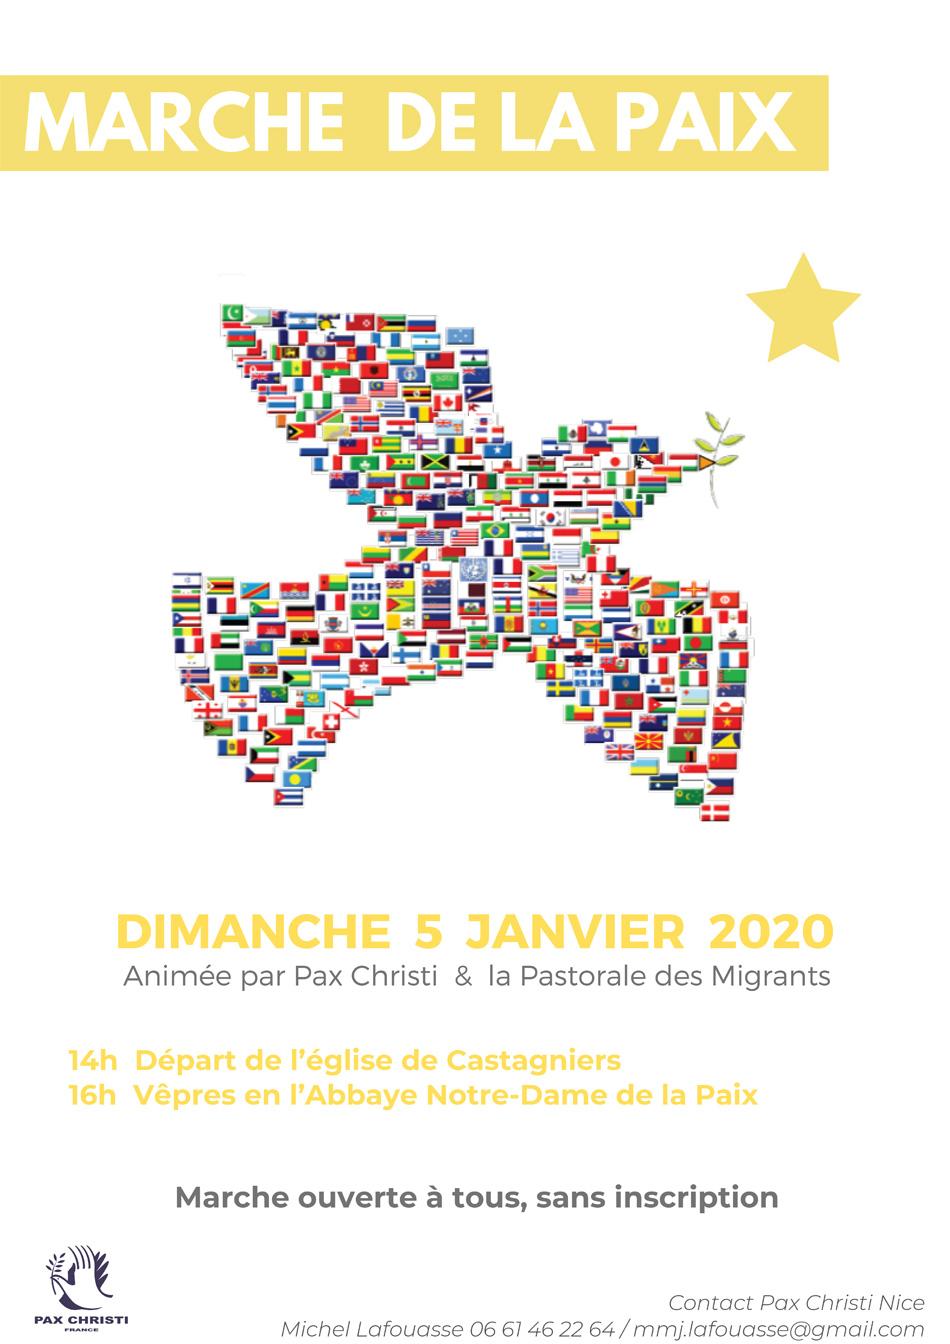 Marche-de-la-paix-2019